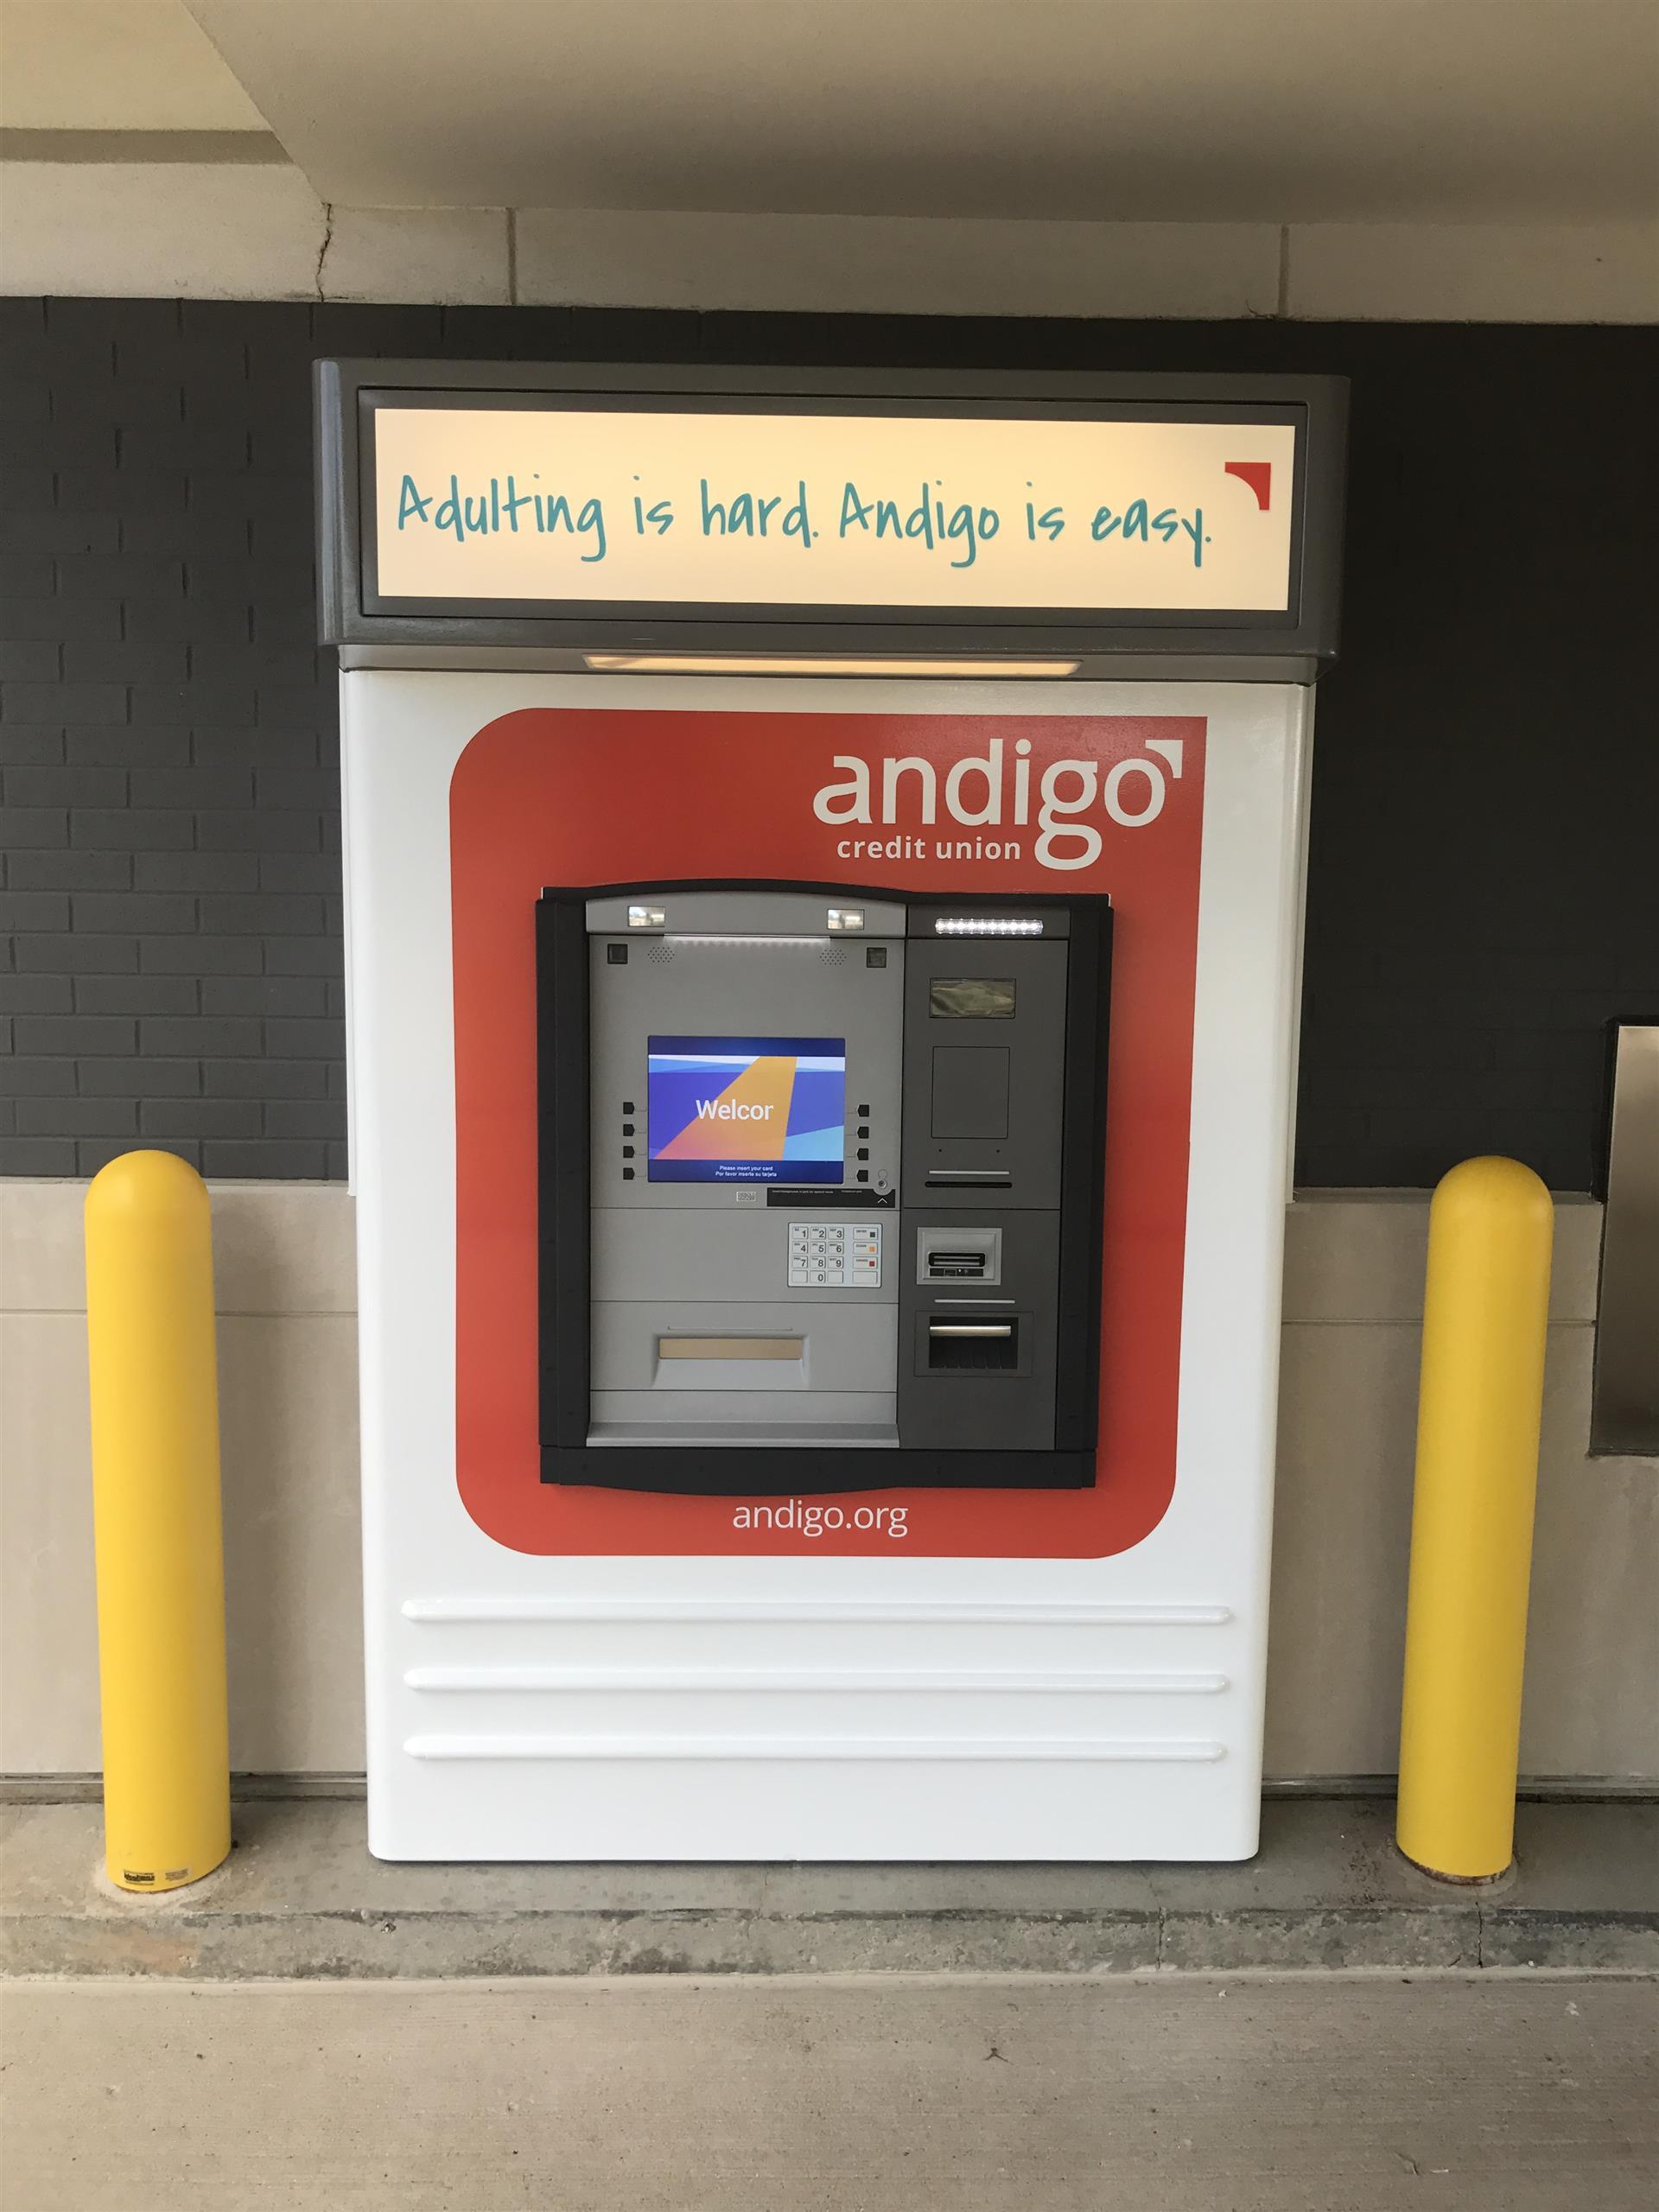 Andigo ATM Sign